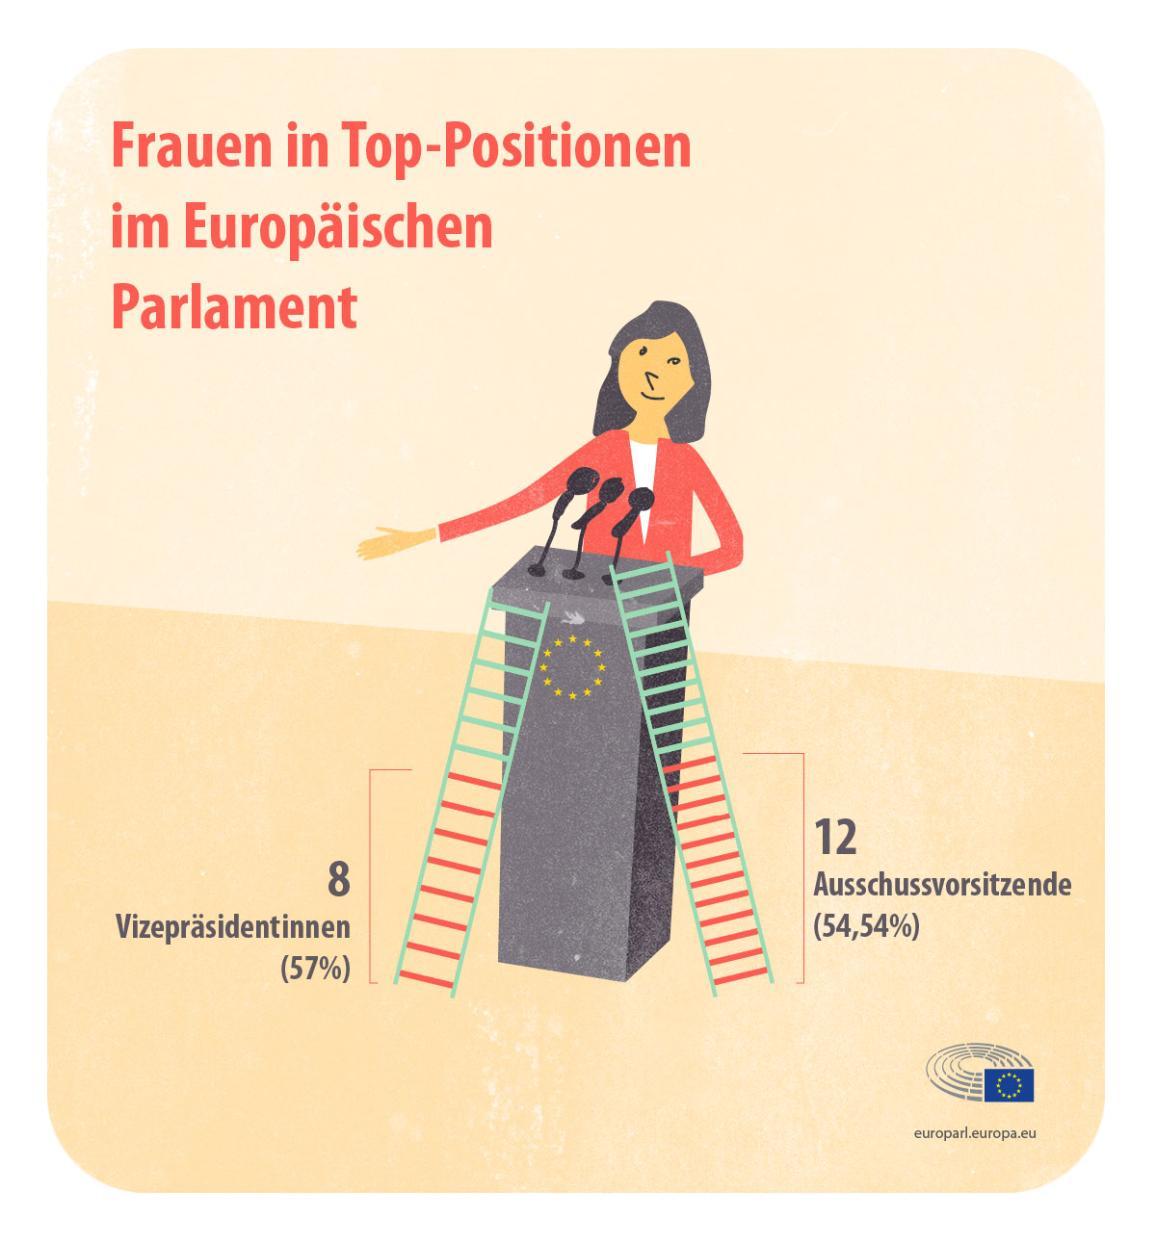 Unsere Infografik zeigt die Zahl der Vizepräsidentinnen und weiblichen Auschussvorsitzenden © European Union 2019 –EP